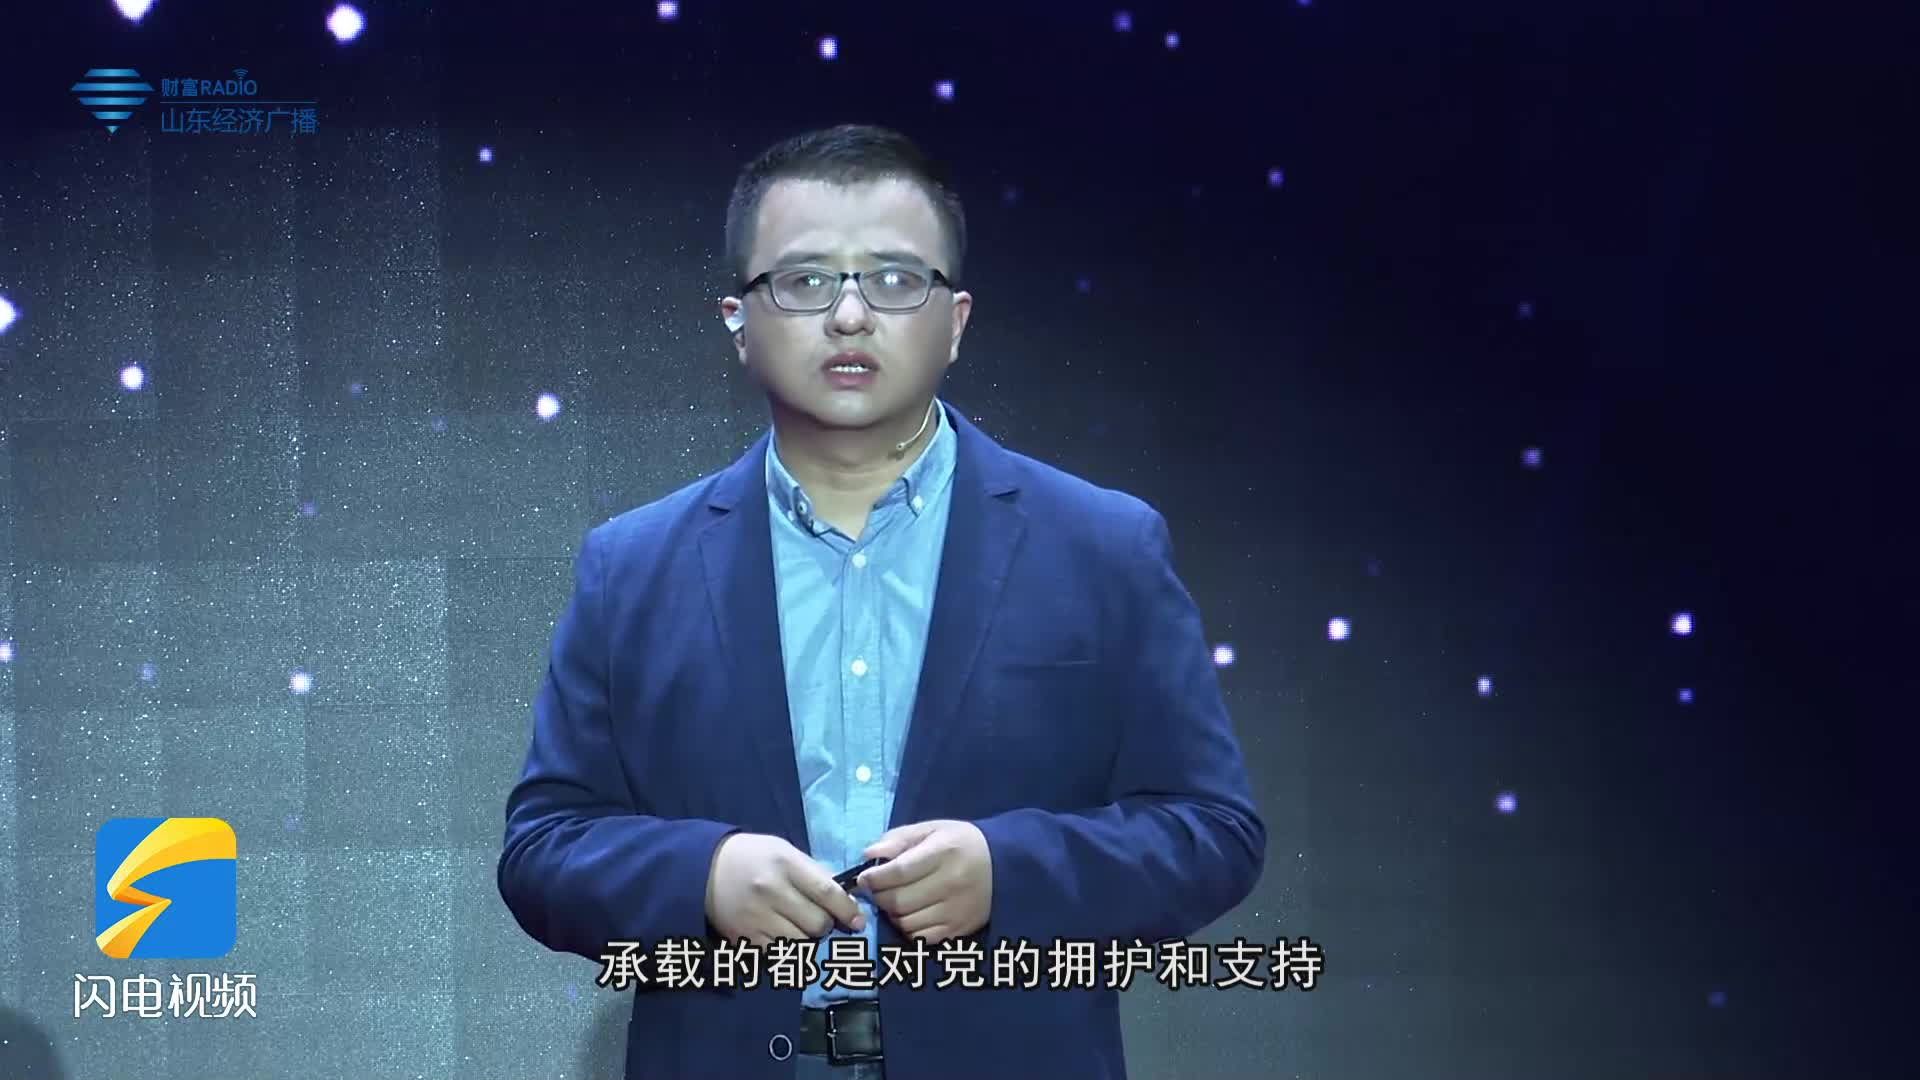 2021《新时代•青年说》朱保锋:一根竹竿解开百年大党的胜利密码